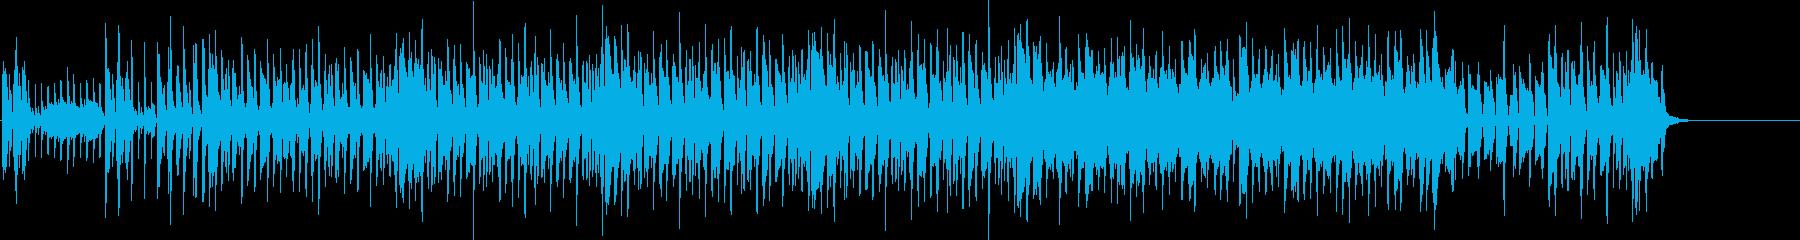 ディスコ 流行 軽快 追跡 レース 夜の再生済みの波形